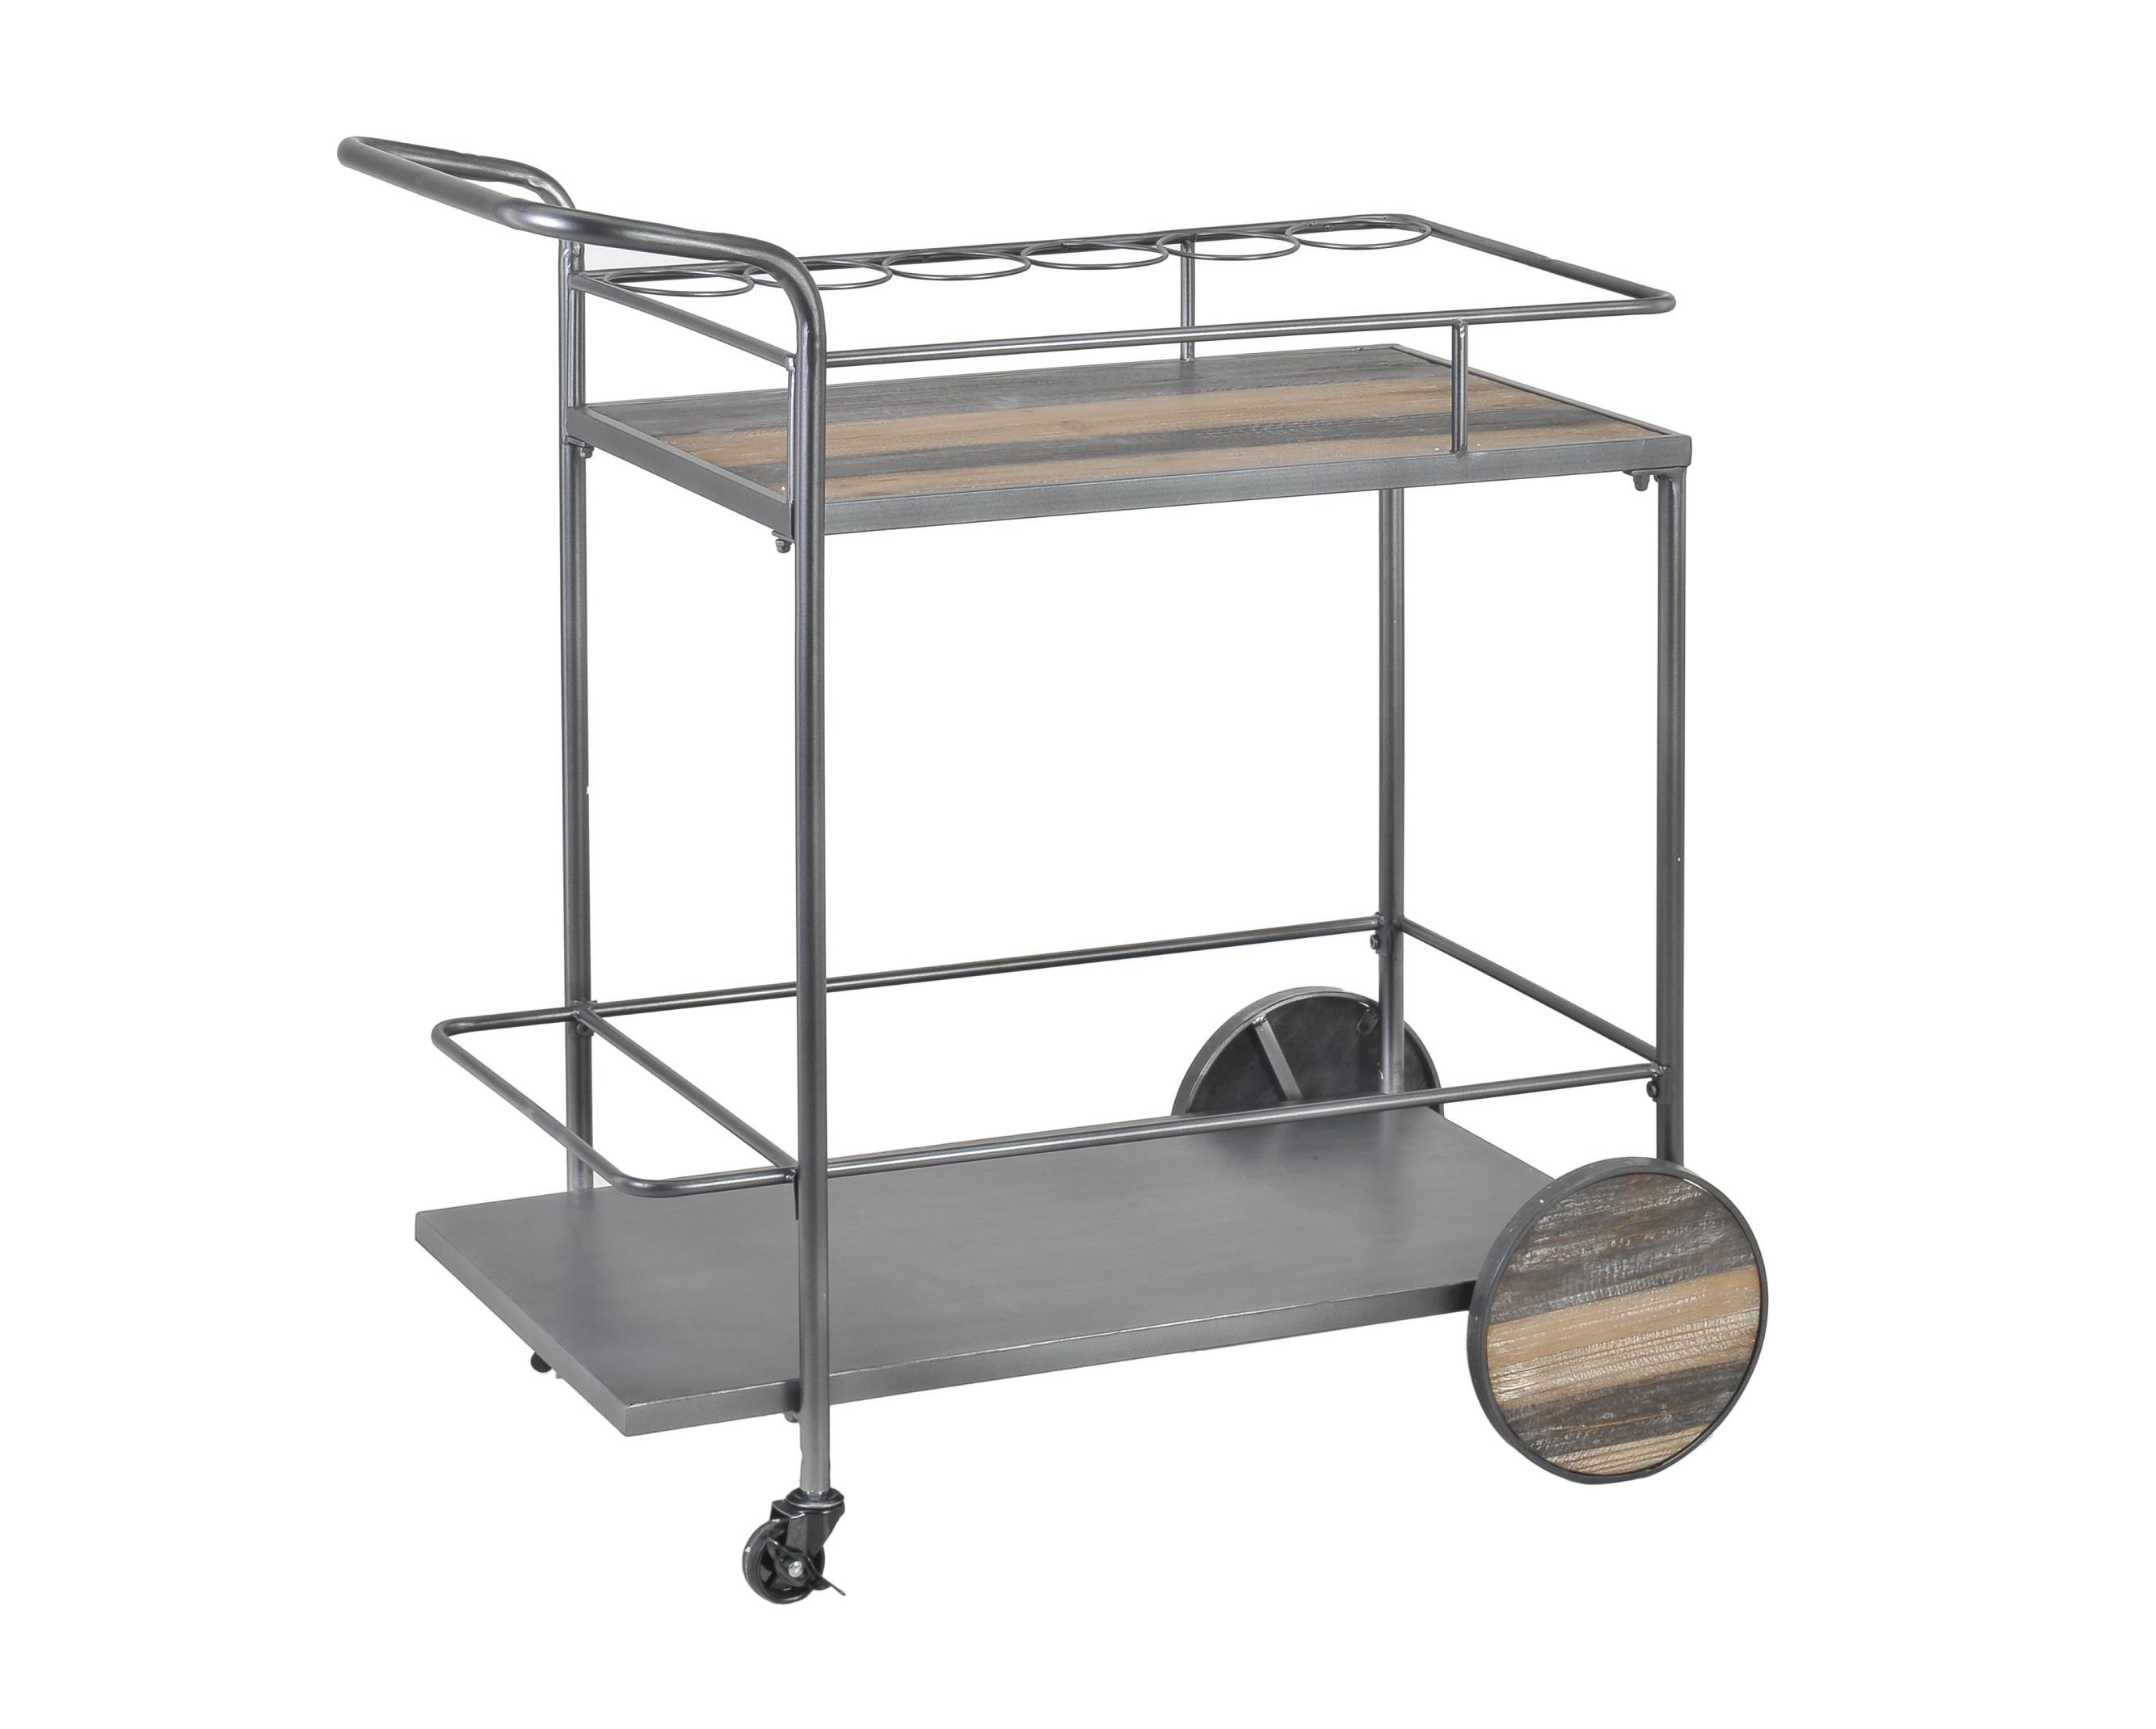 Стол сервировочный K?pingСервировочные столики<br><br><br>Material: Дерево<br>Ширина см: 84<br>Высота см: 86<br>Глубина см: 47